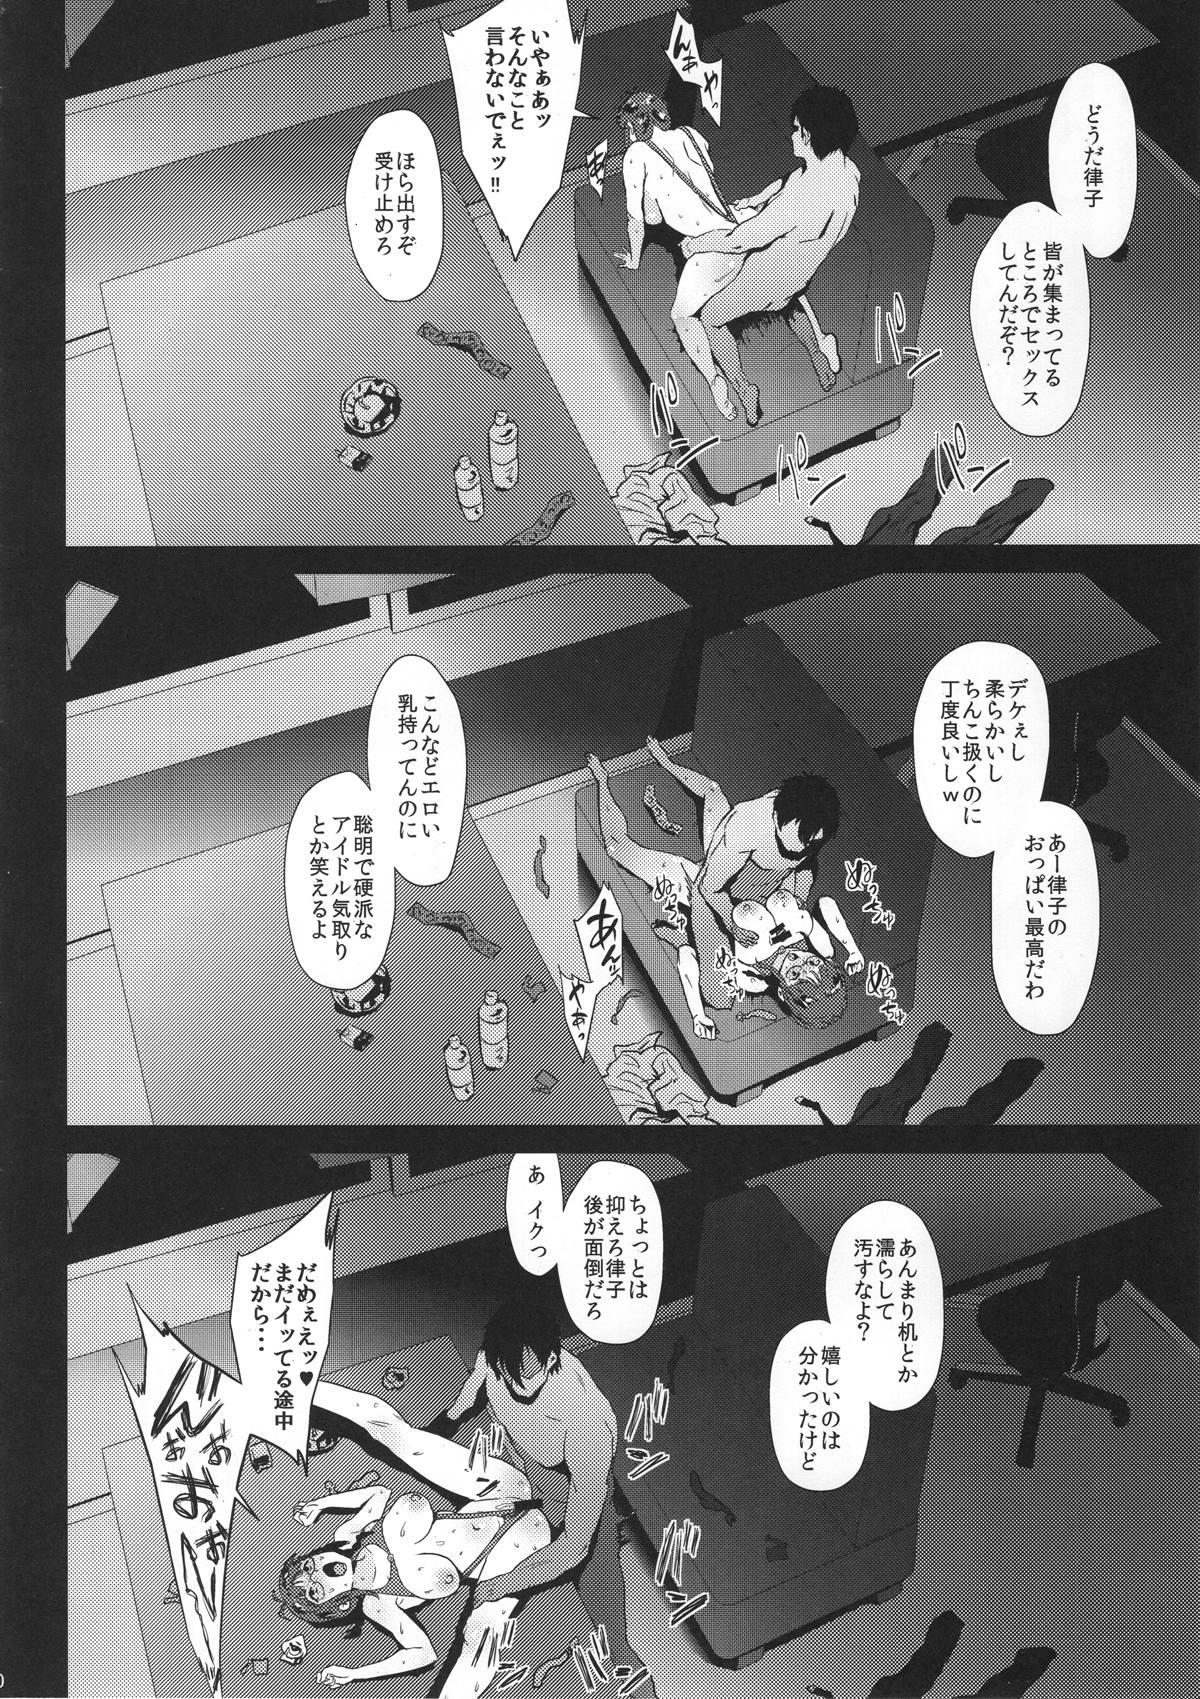 【エロ漫画】事務の娘はおチンポにとっても弱くって・・・ほら!みんなが集まってるところでセックスしてるのに何とも思わないの?ww